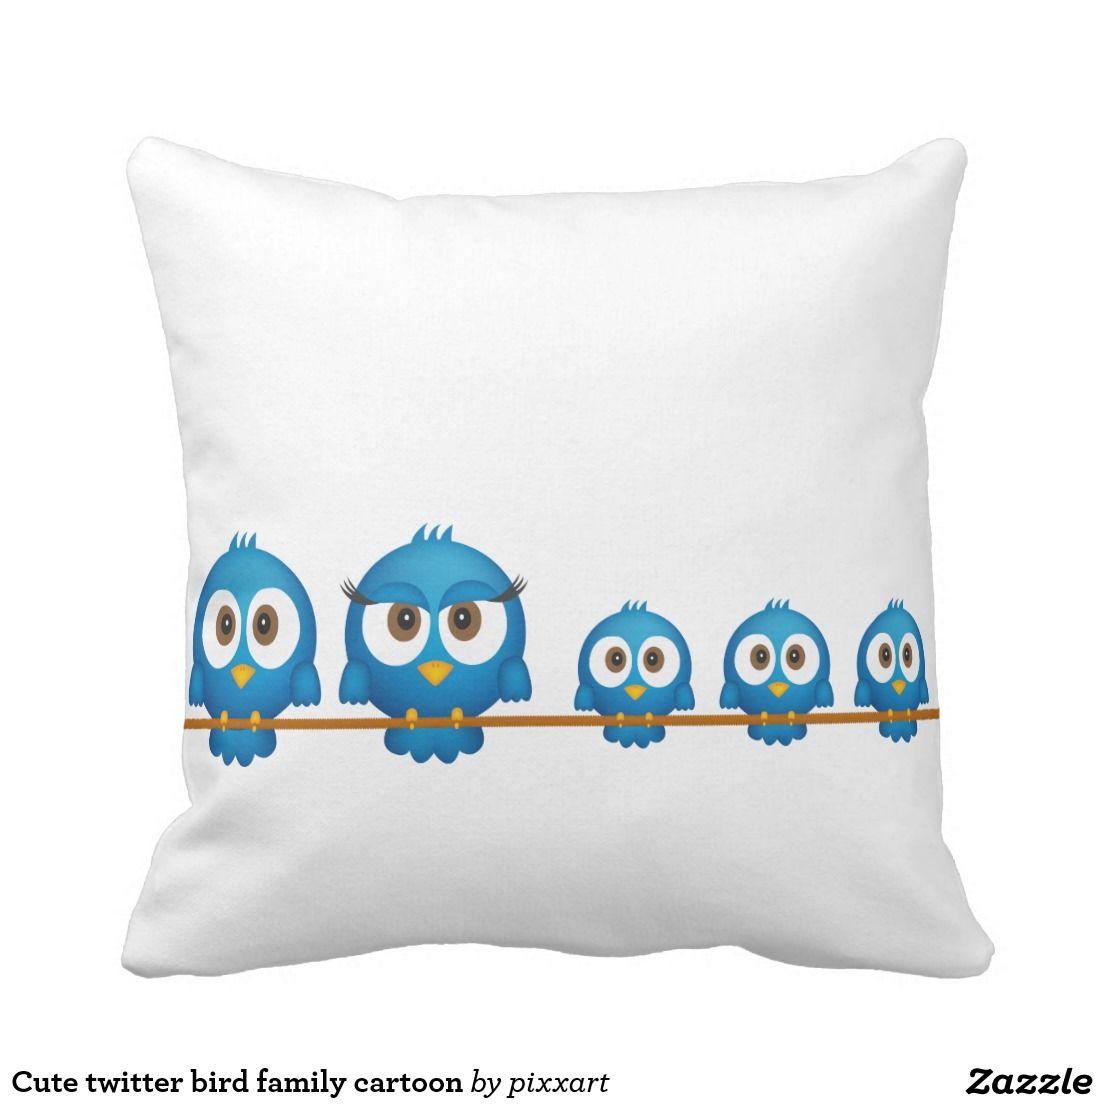 Cute twitter bird family cartoon throw pillow